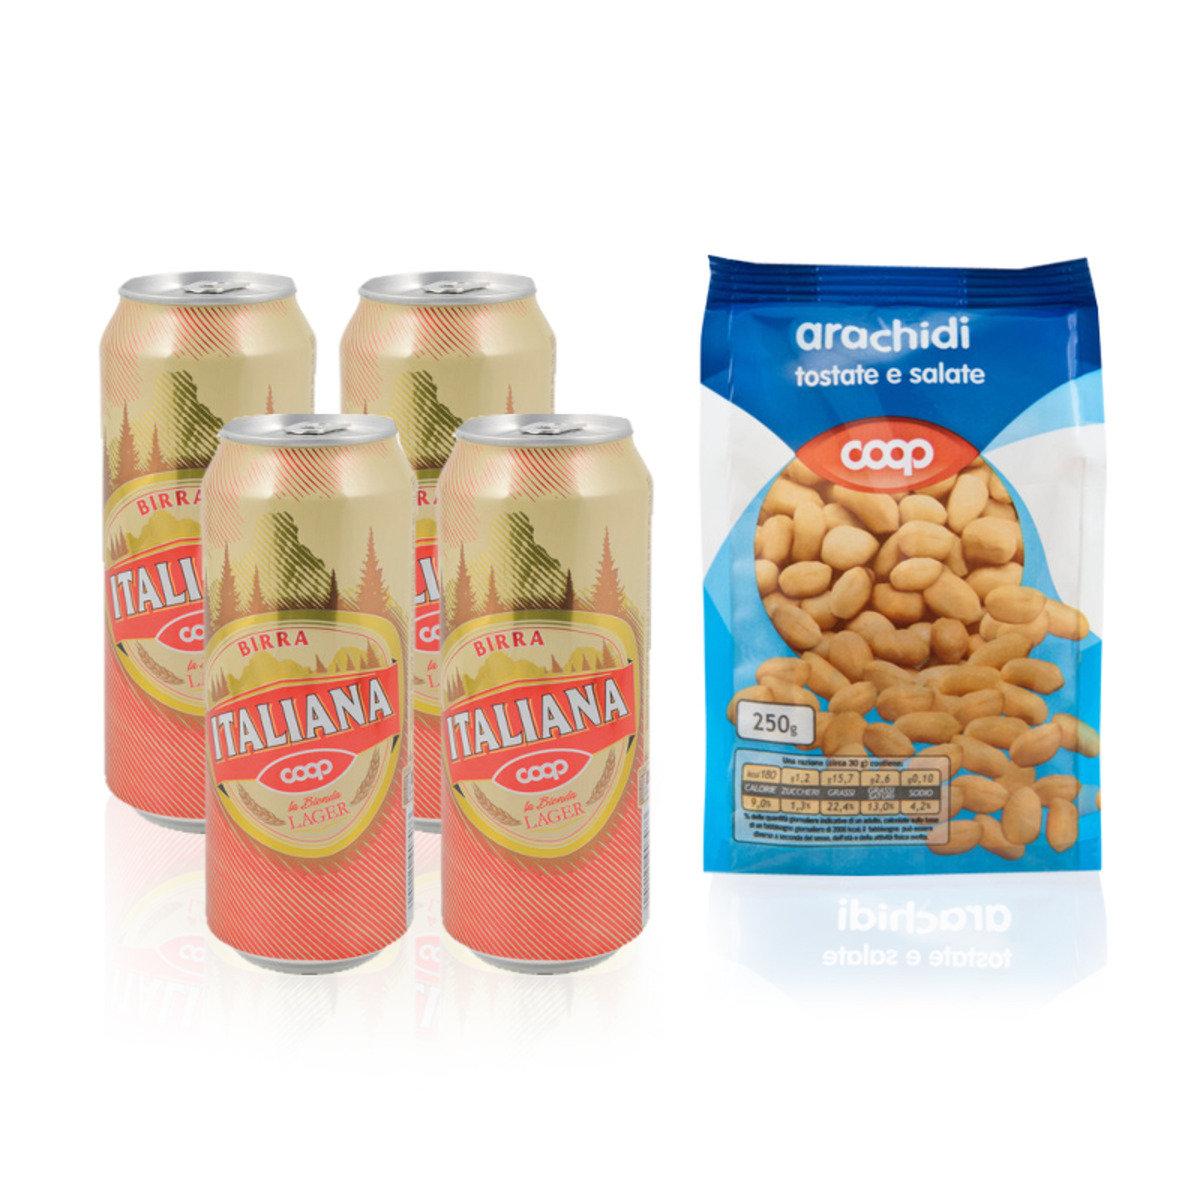 意大利啤酒組合 (4罐+1包)